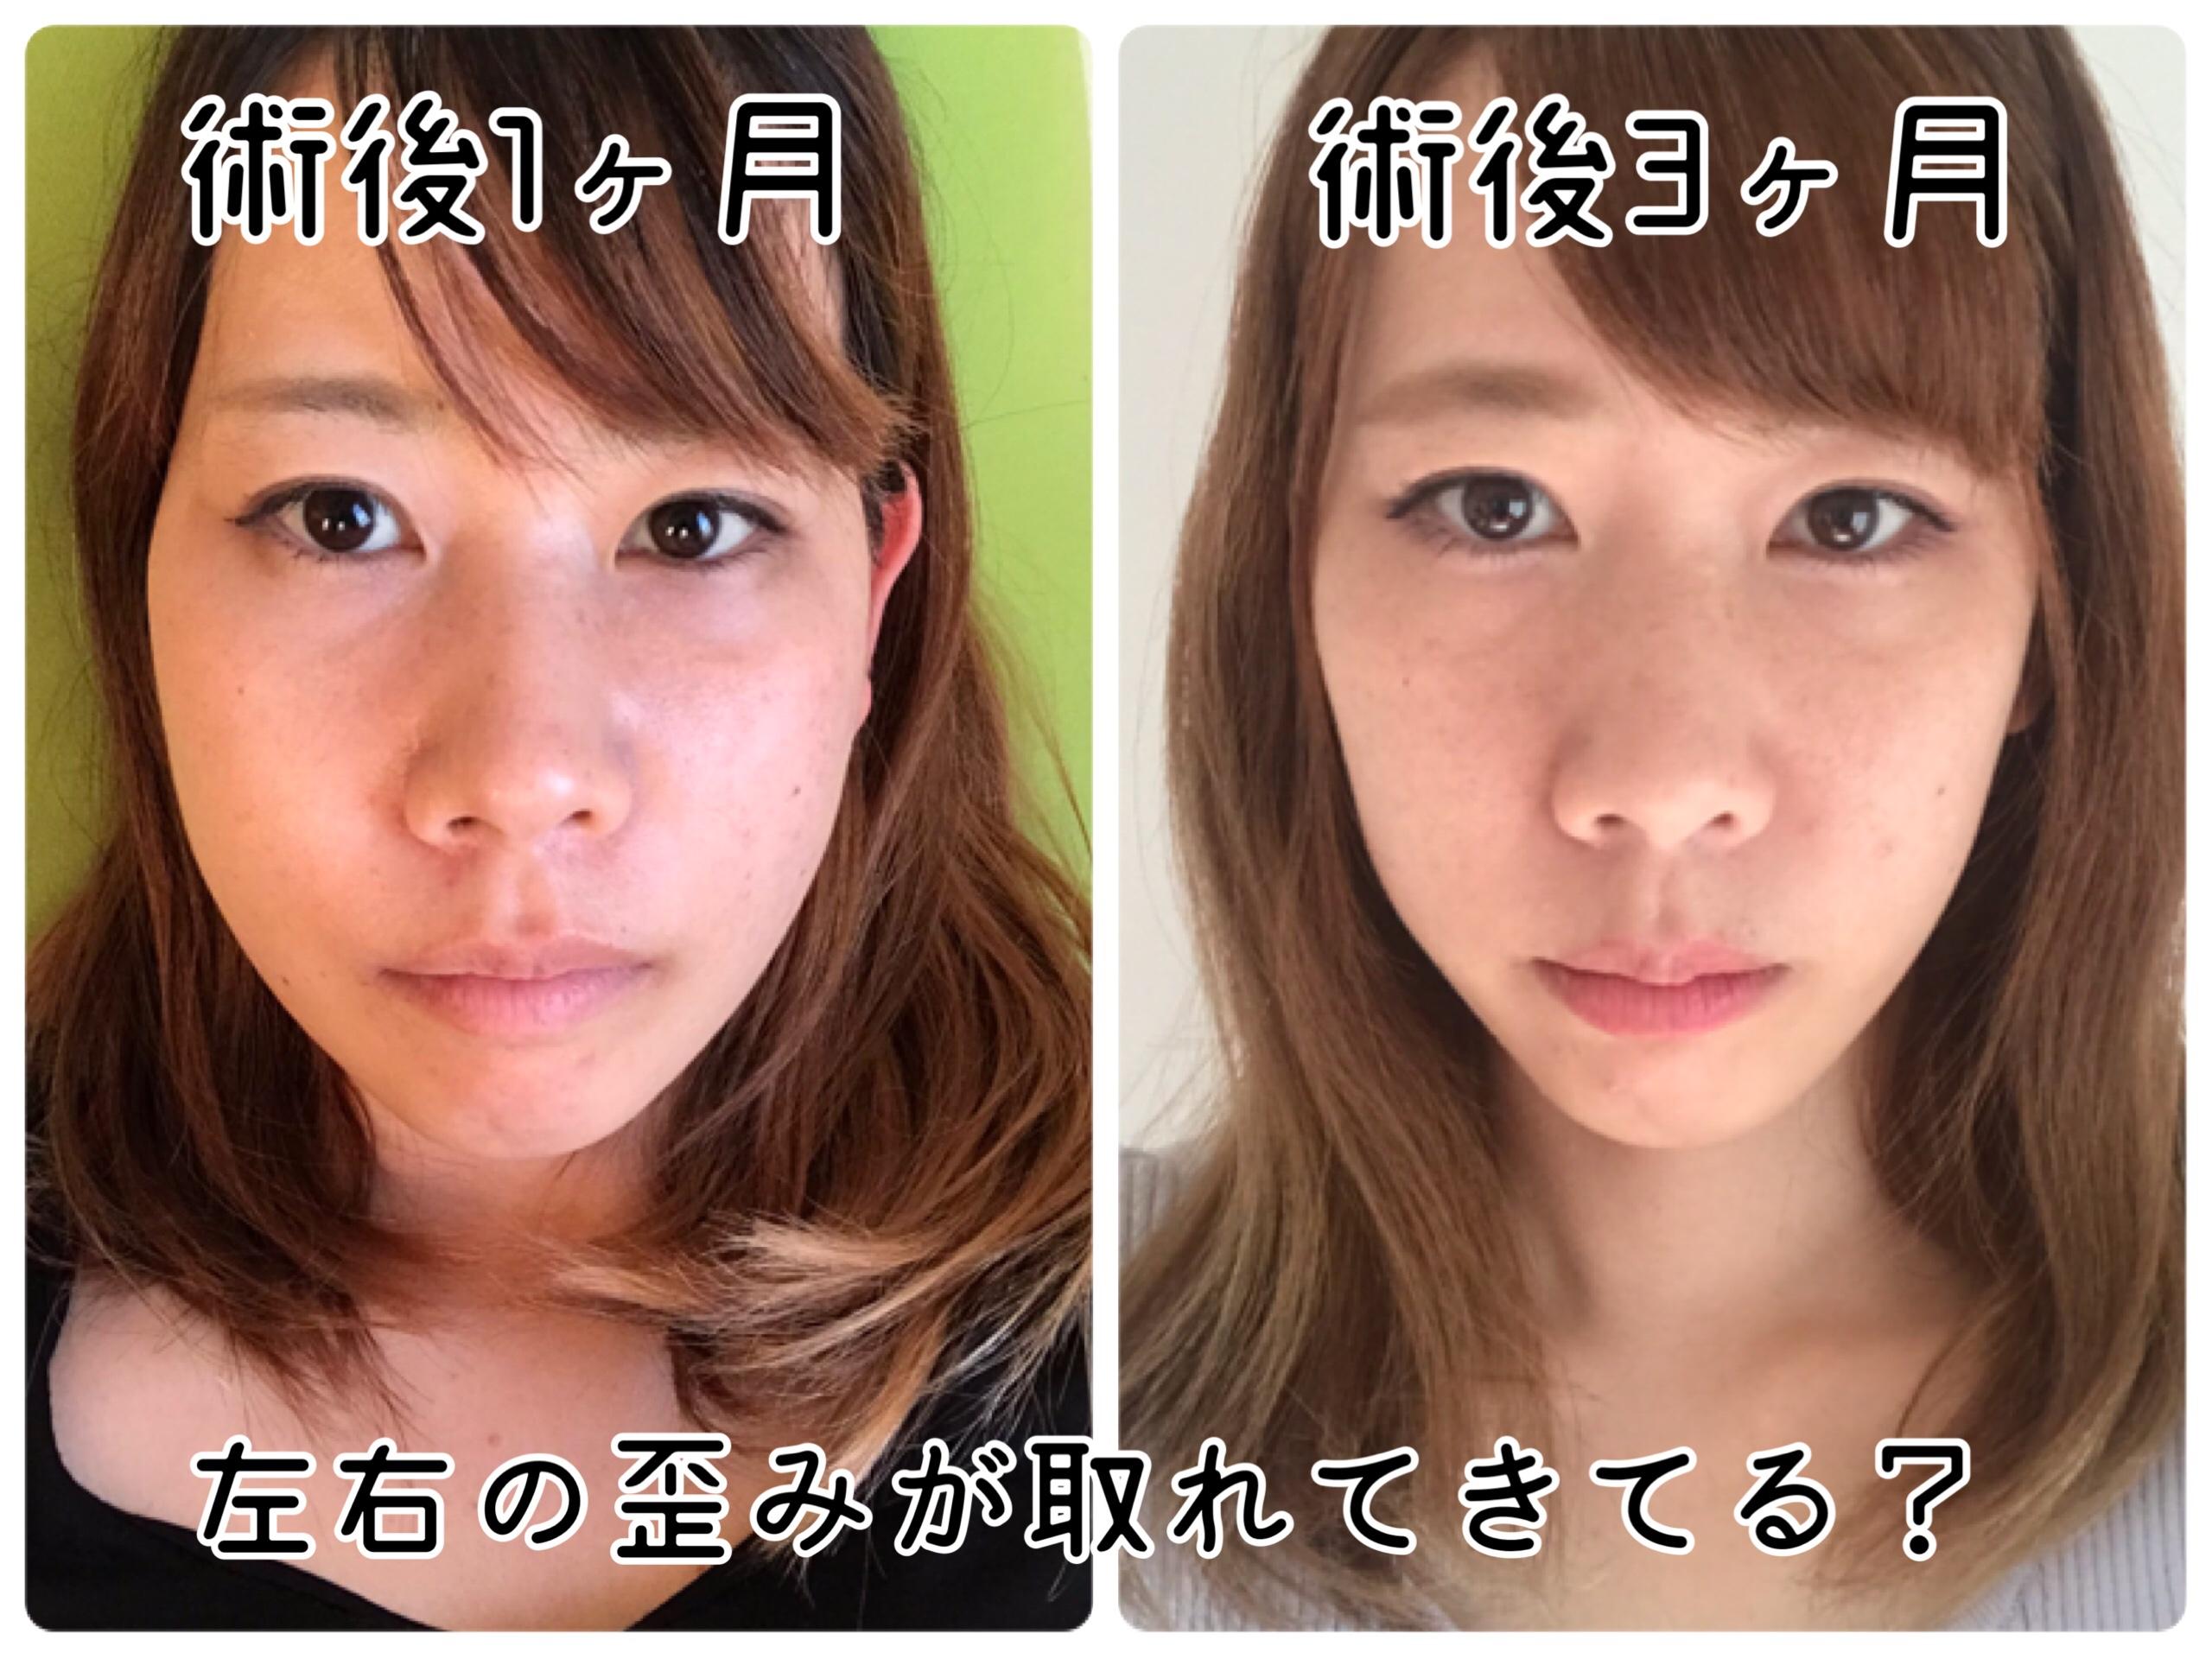 顎変形症手術 3か月